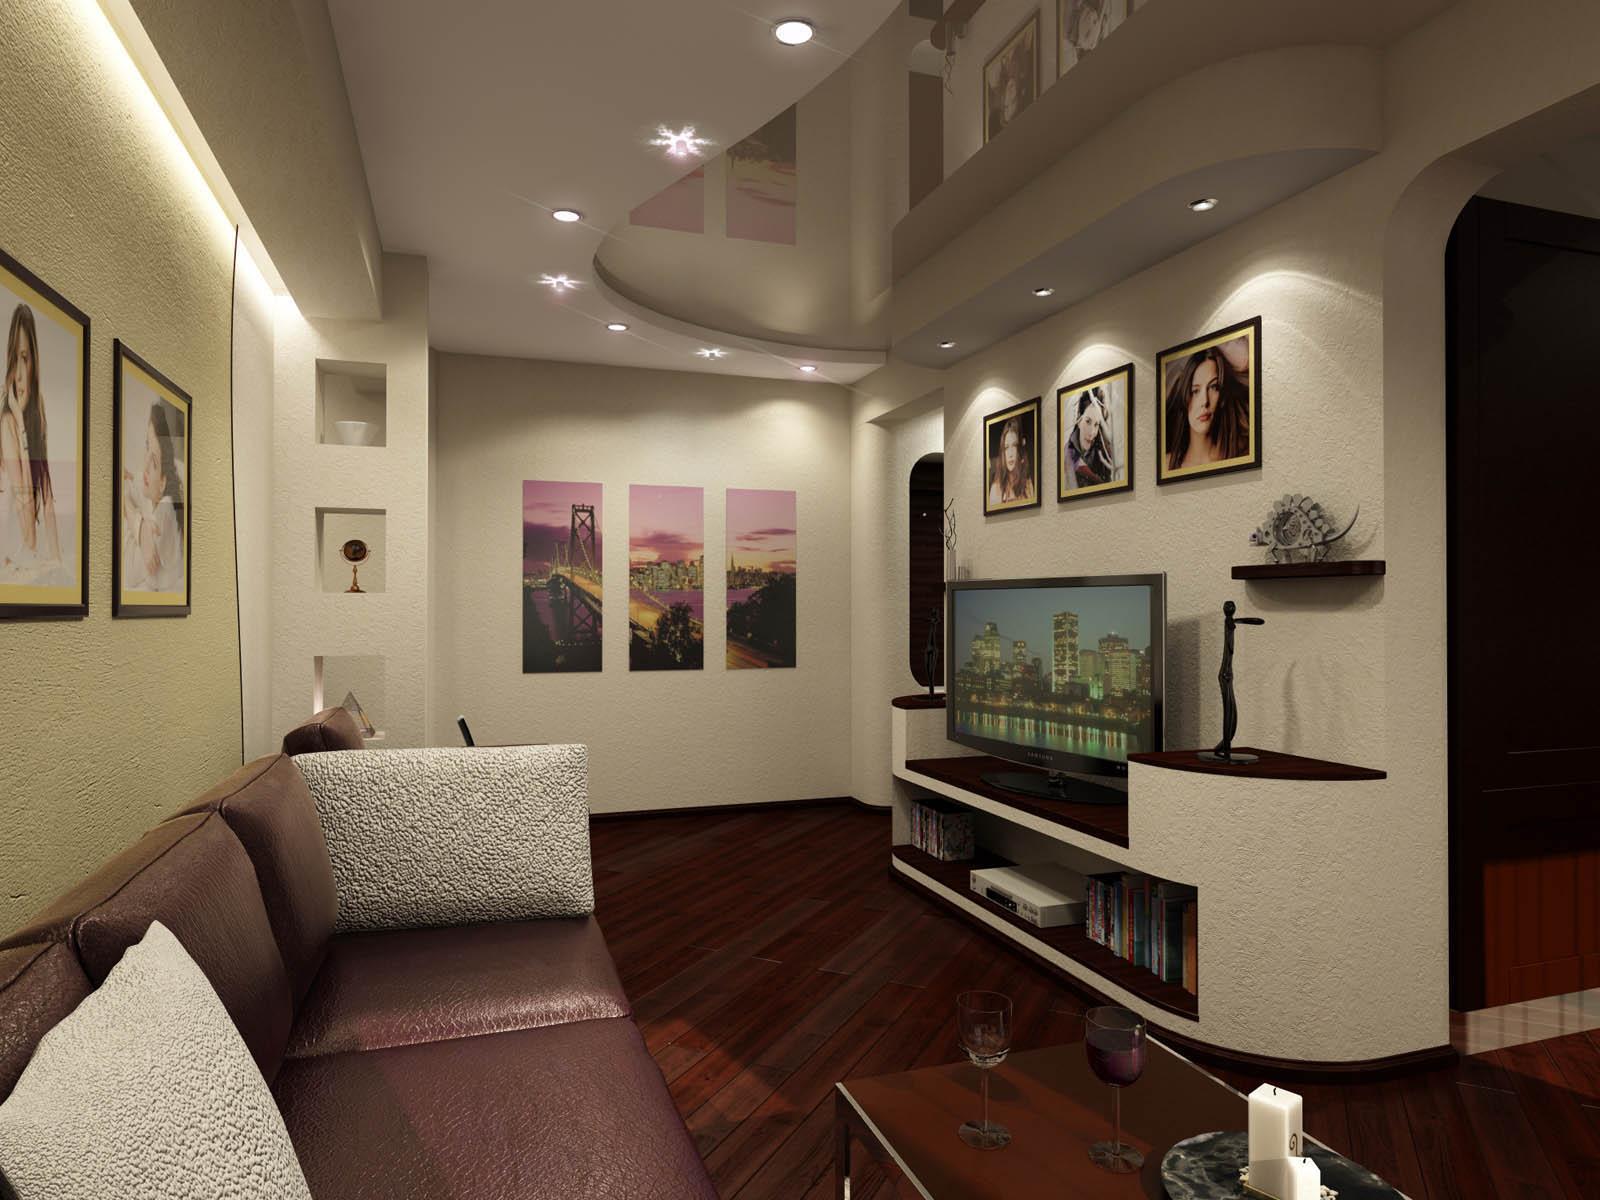 дизайн коридор гостиная фото